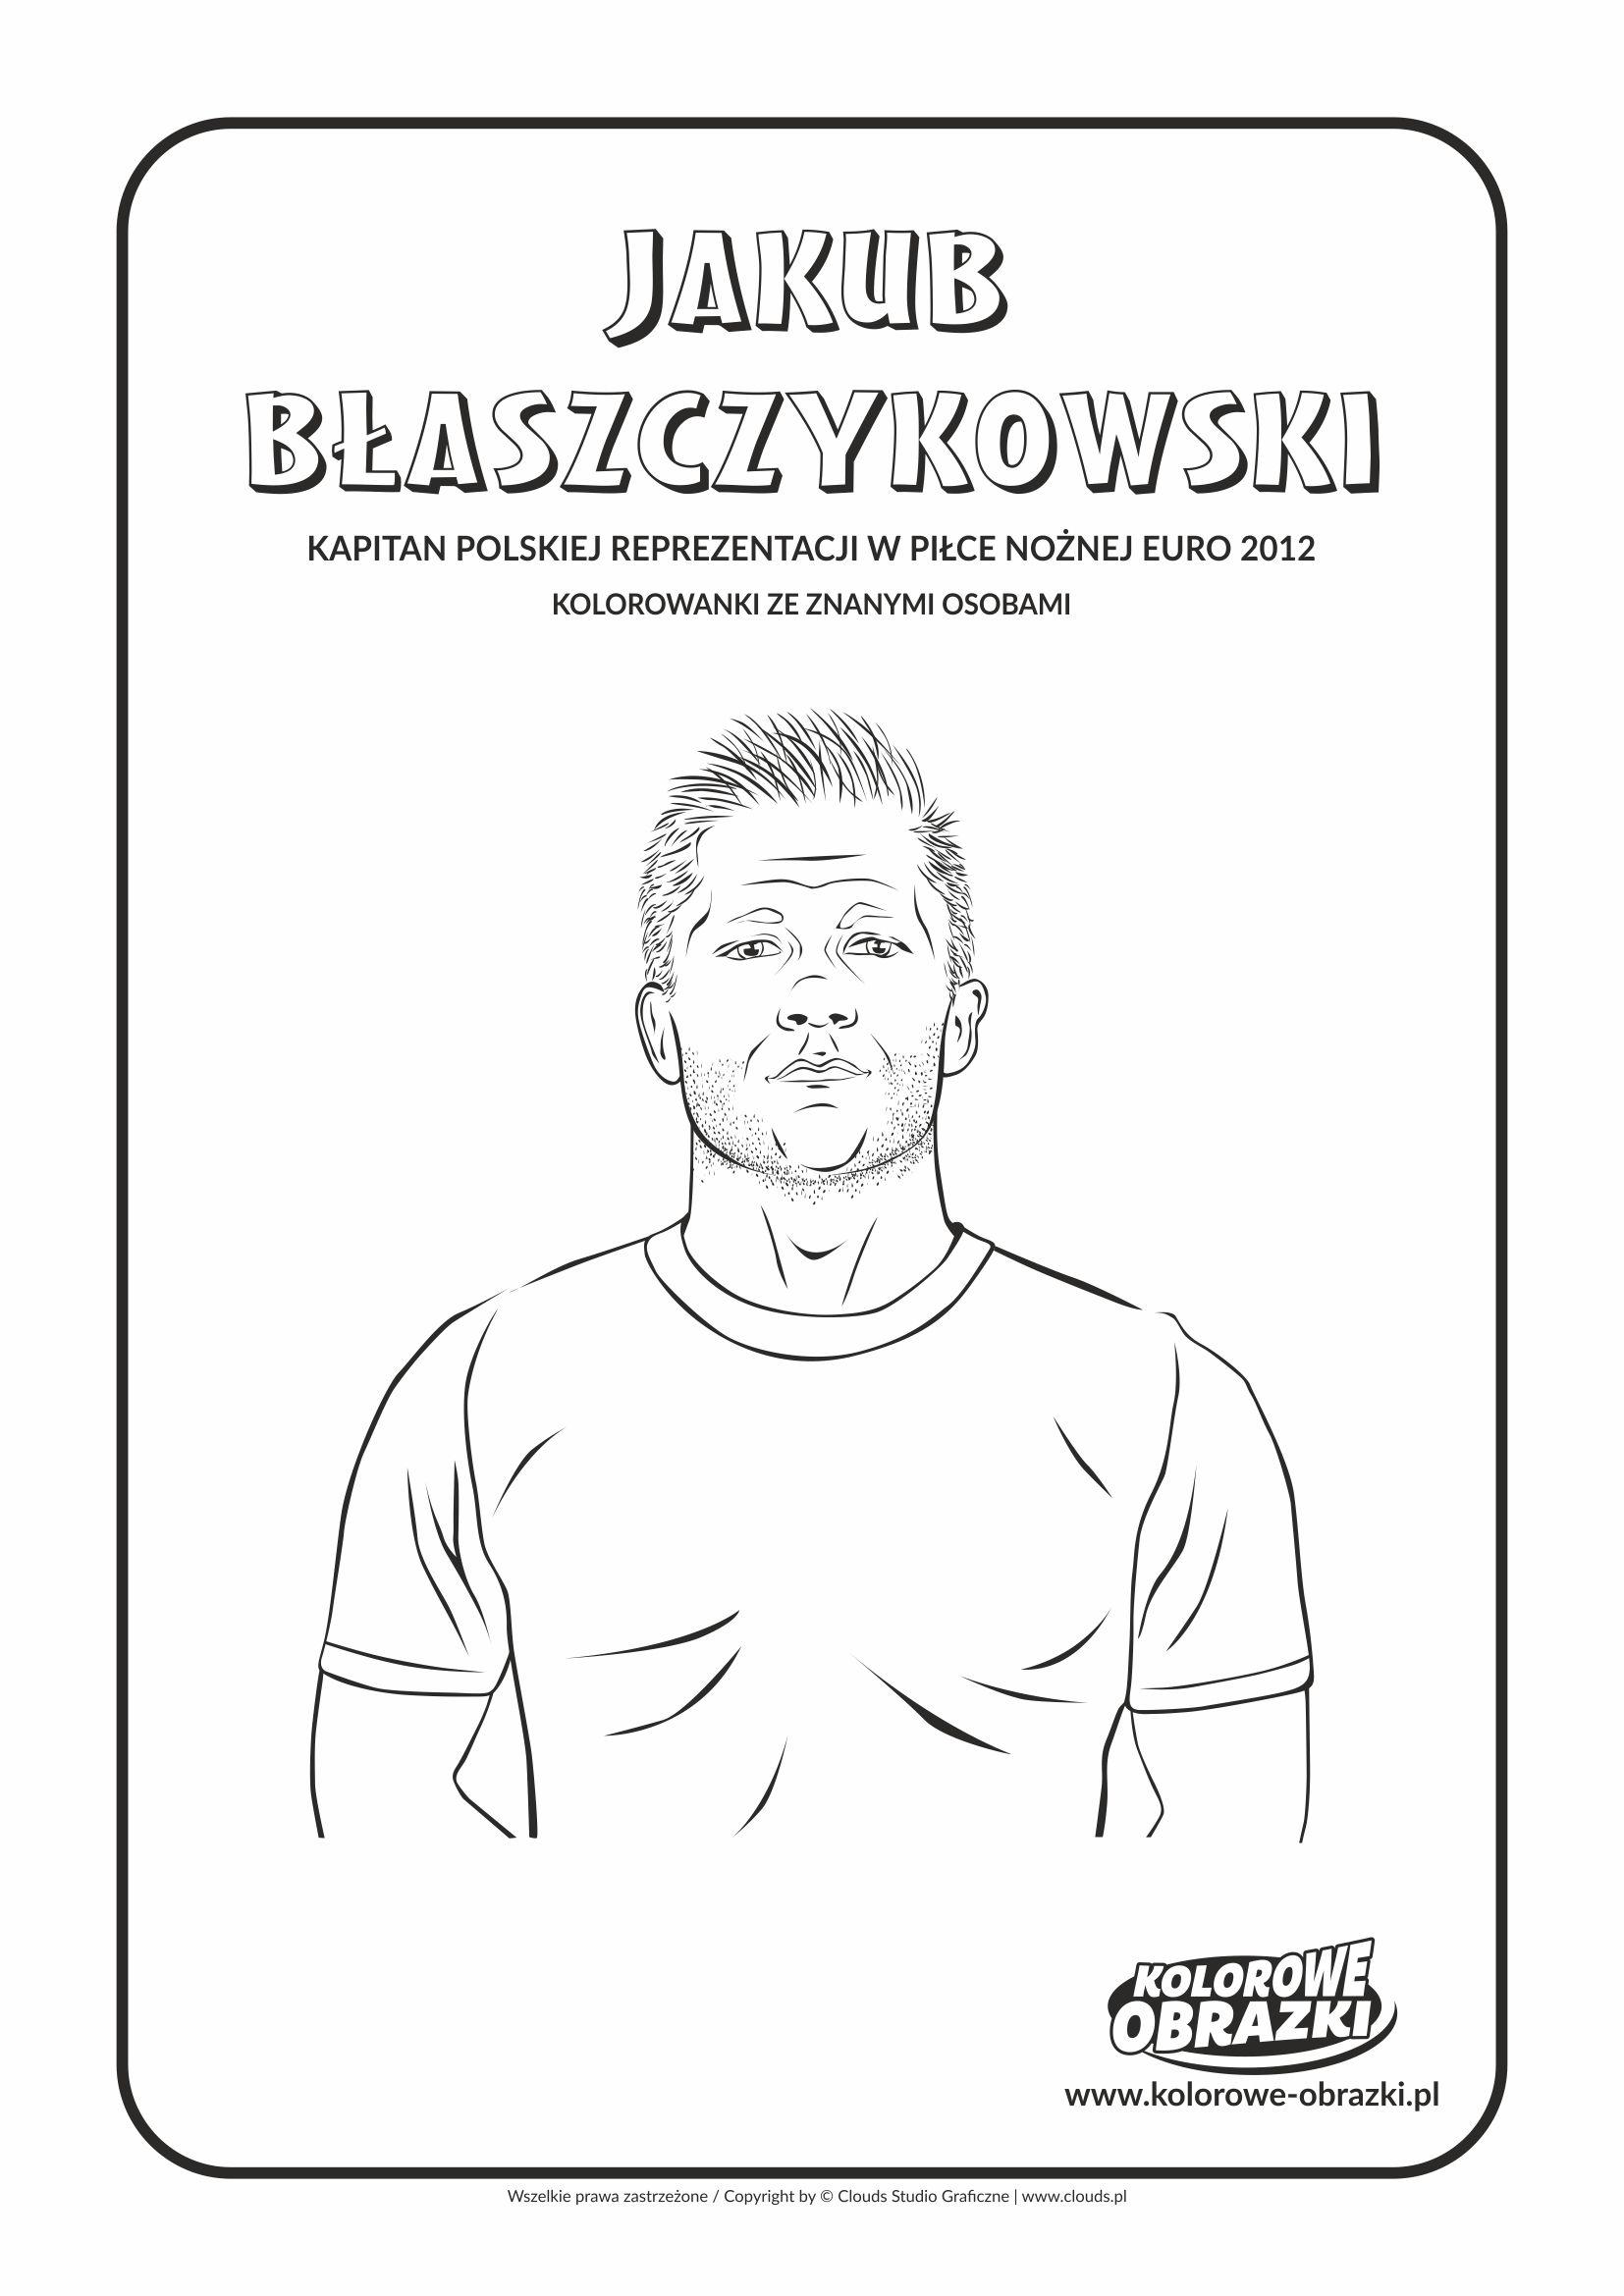 Jakub Blaszczykowski Kolorowanki Kolorowanka Dla Dzieci